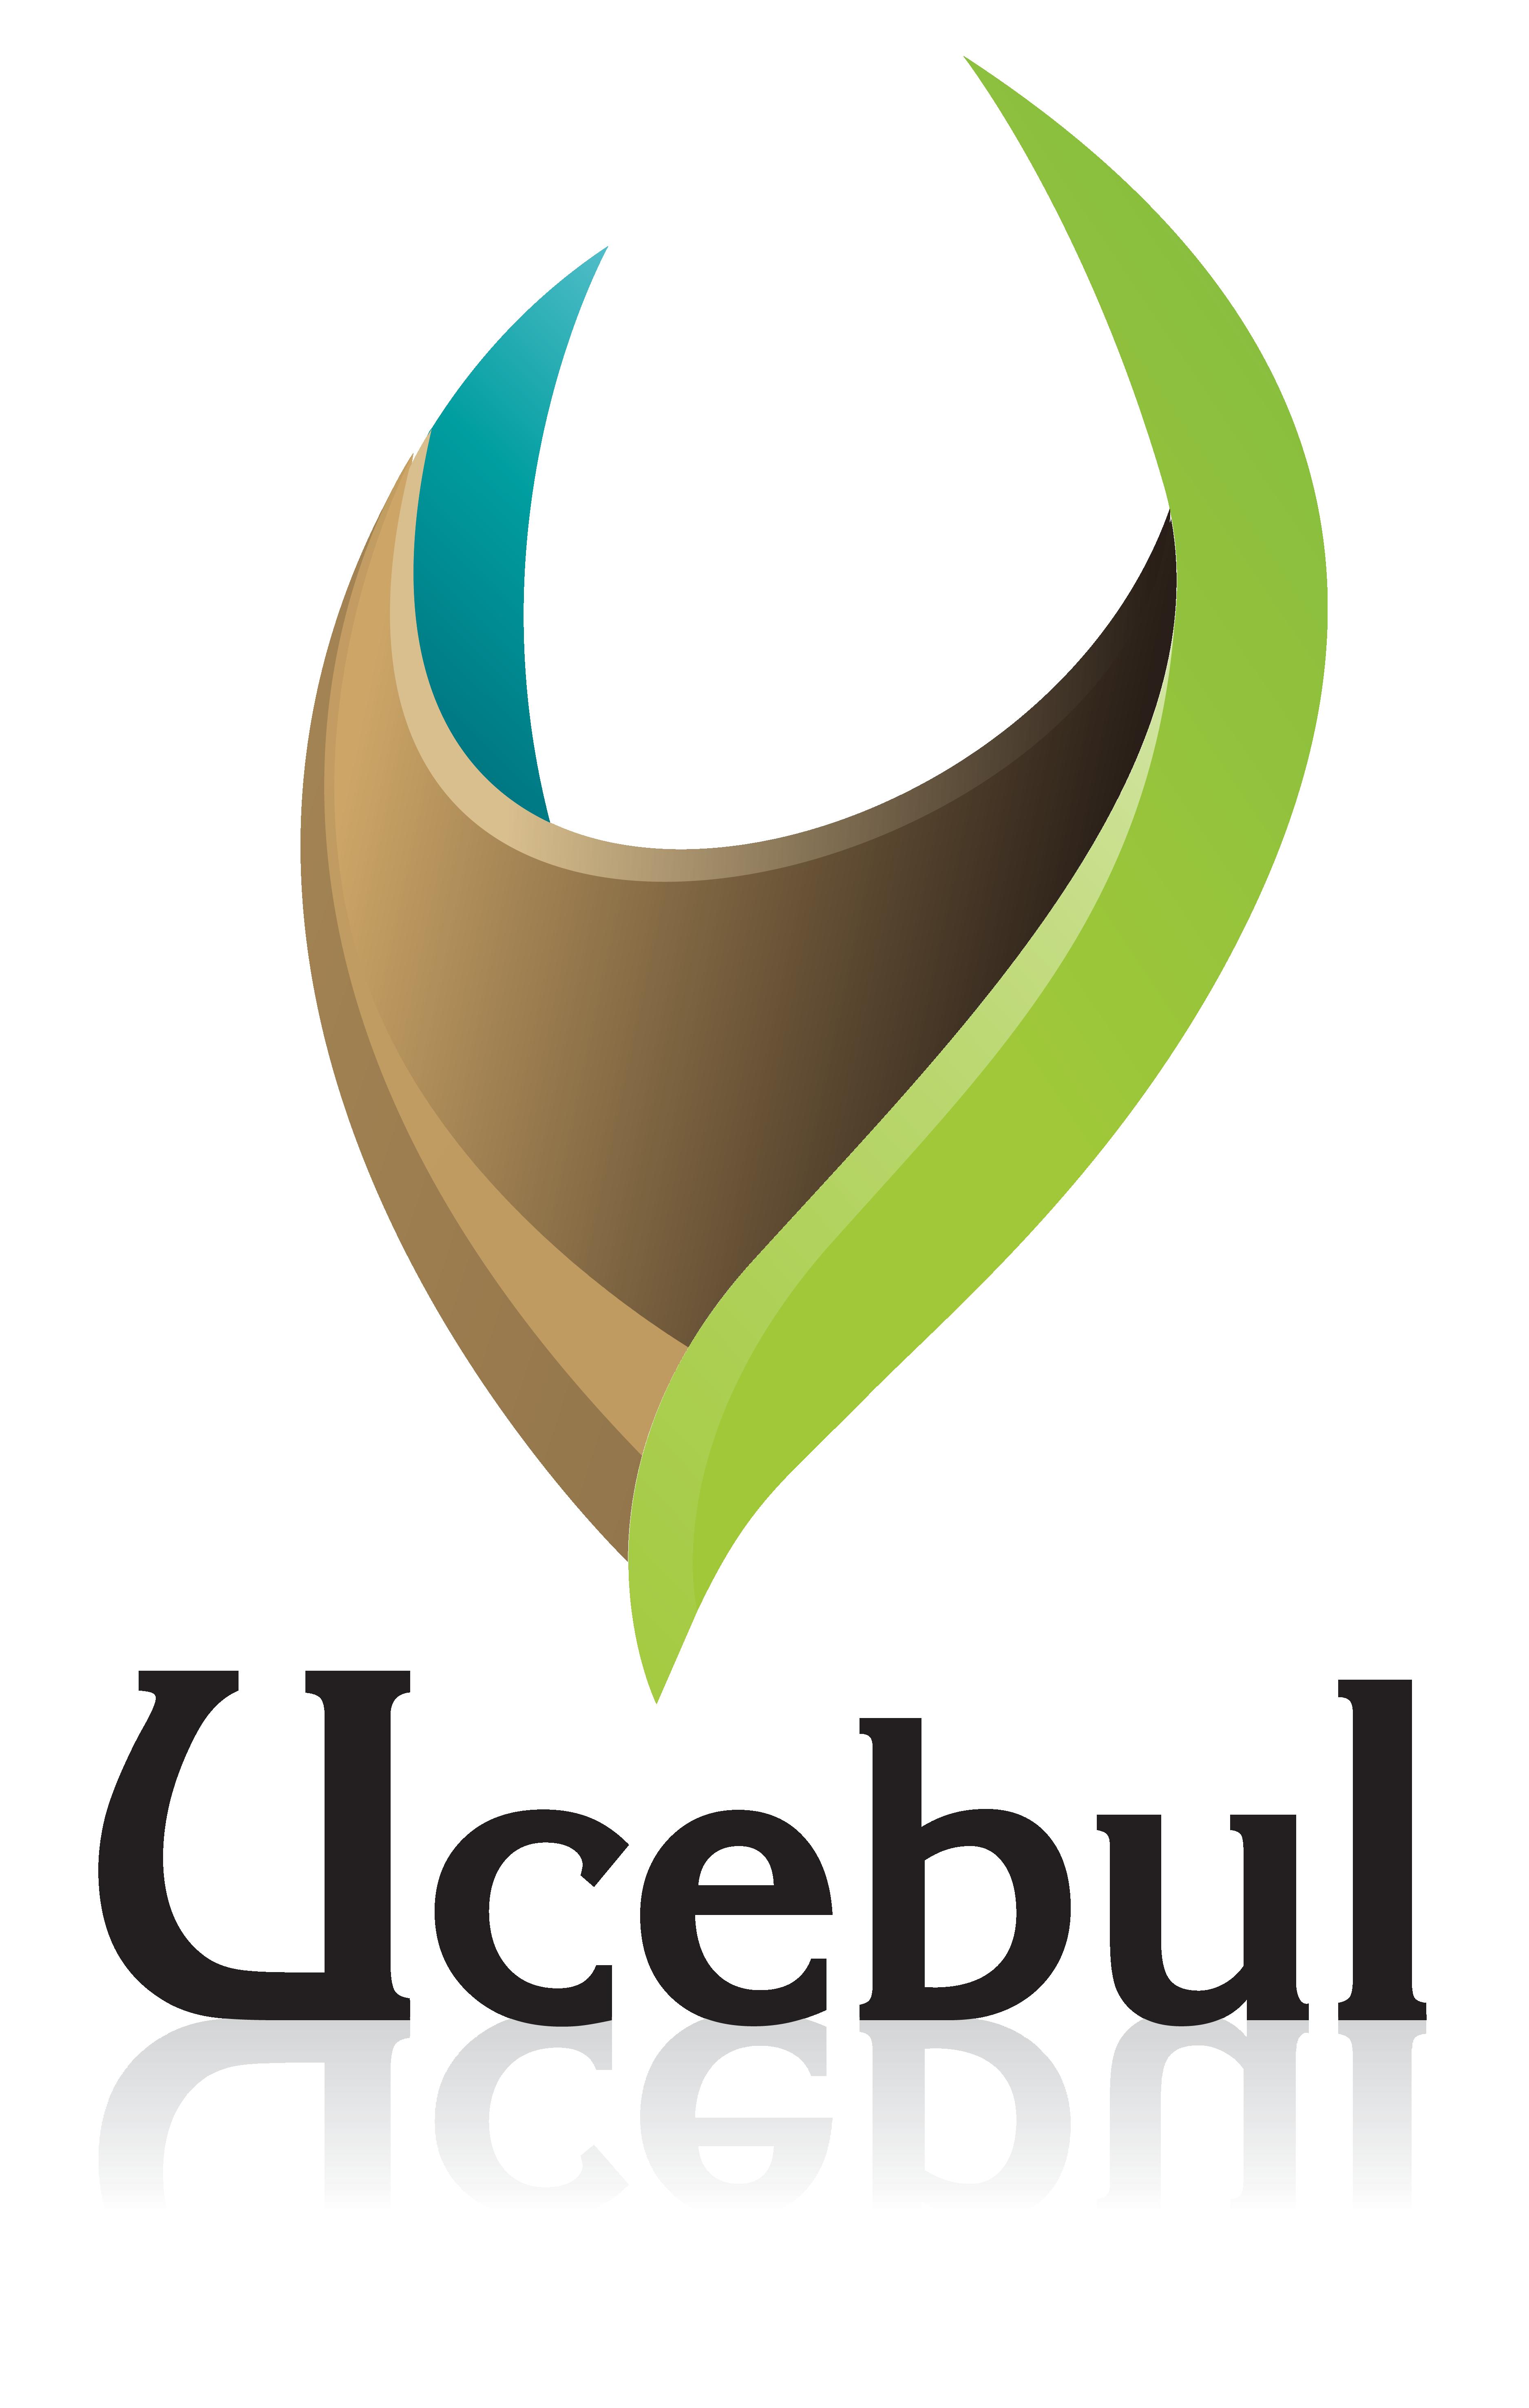 Ucebul